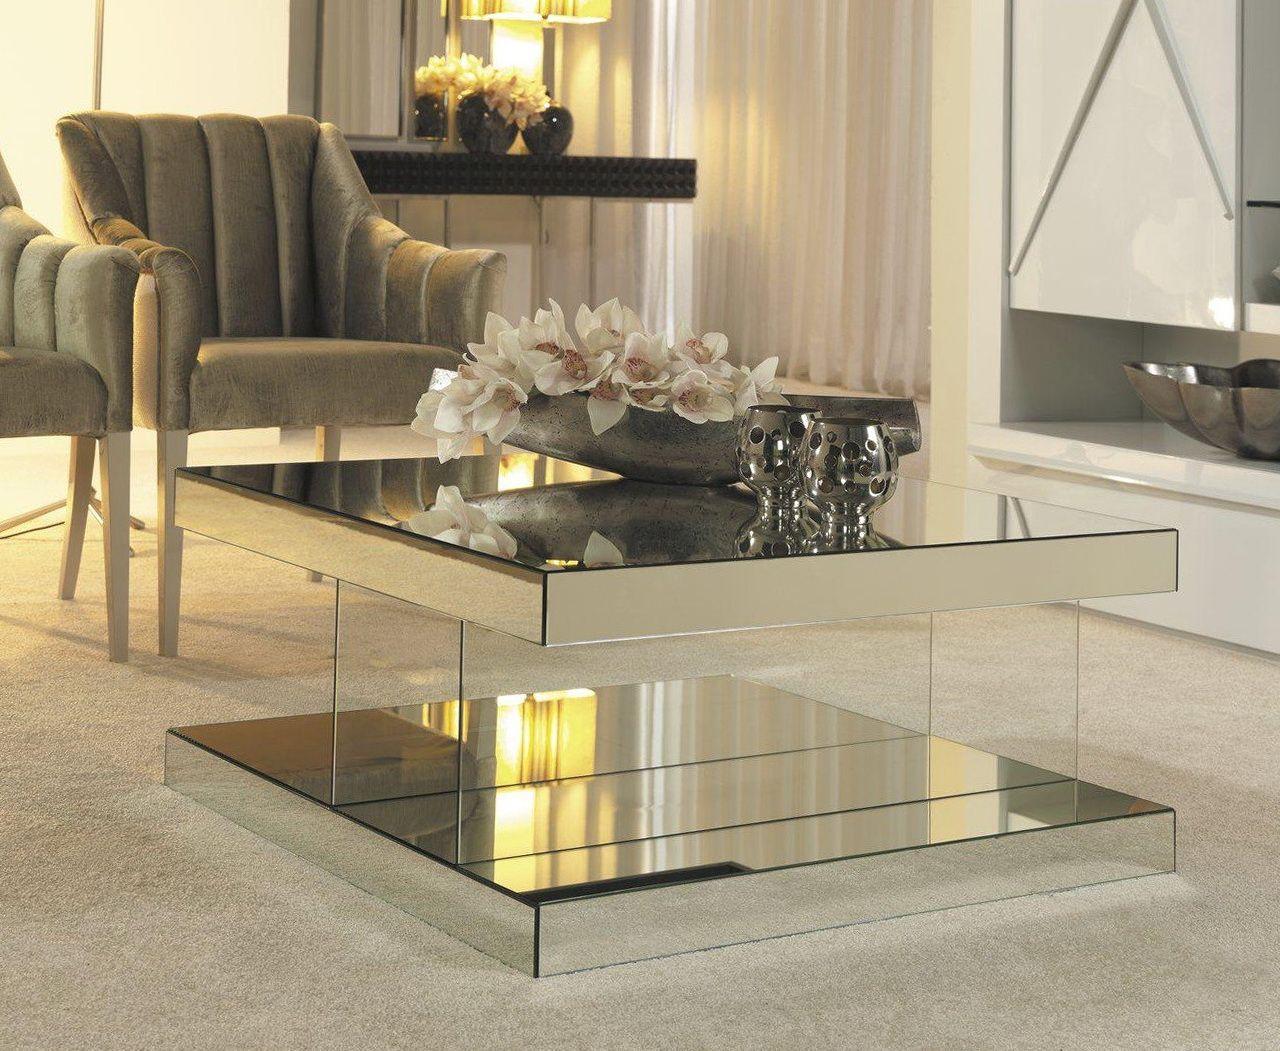 mesa de espelho uma tendncia para ambientes pequenos e luxuosos design espelho coffee tables ukmirrored